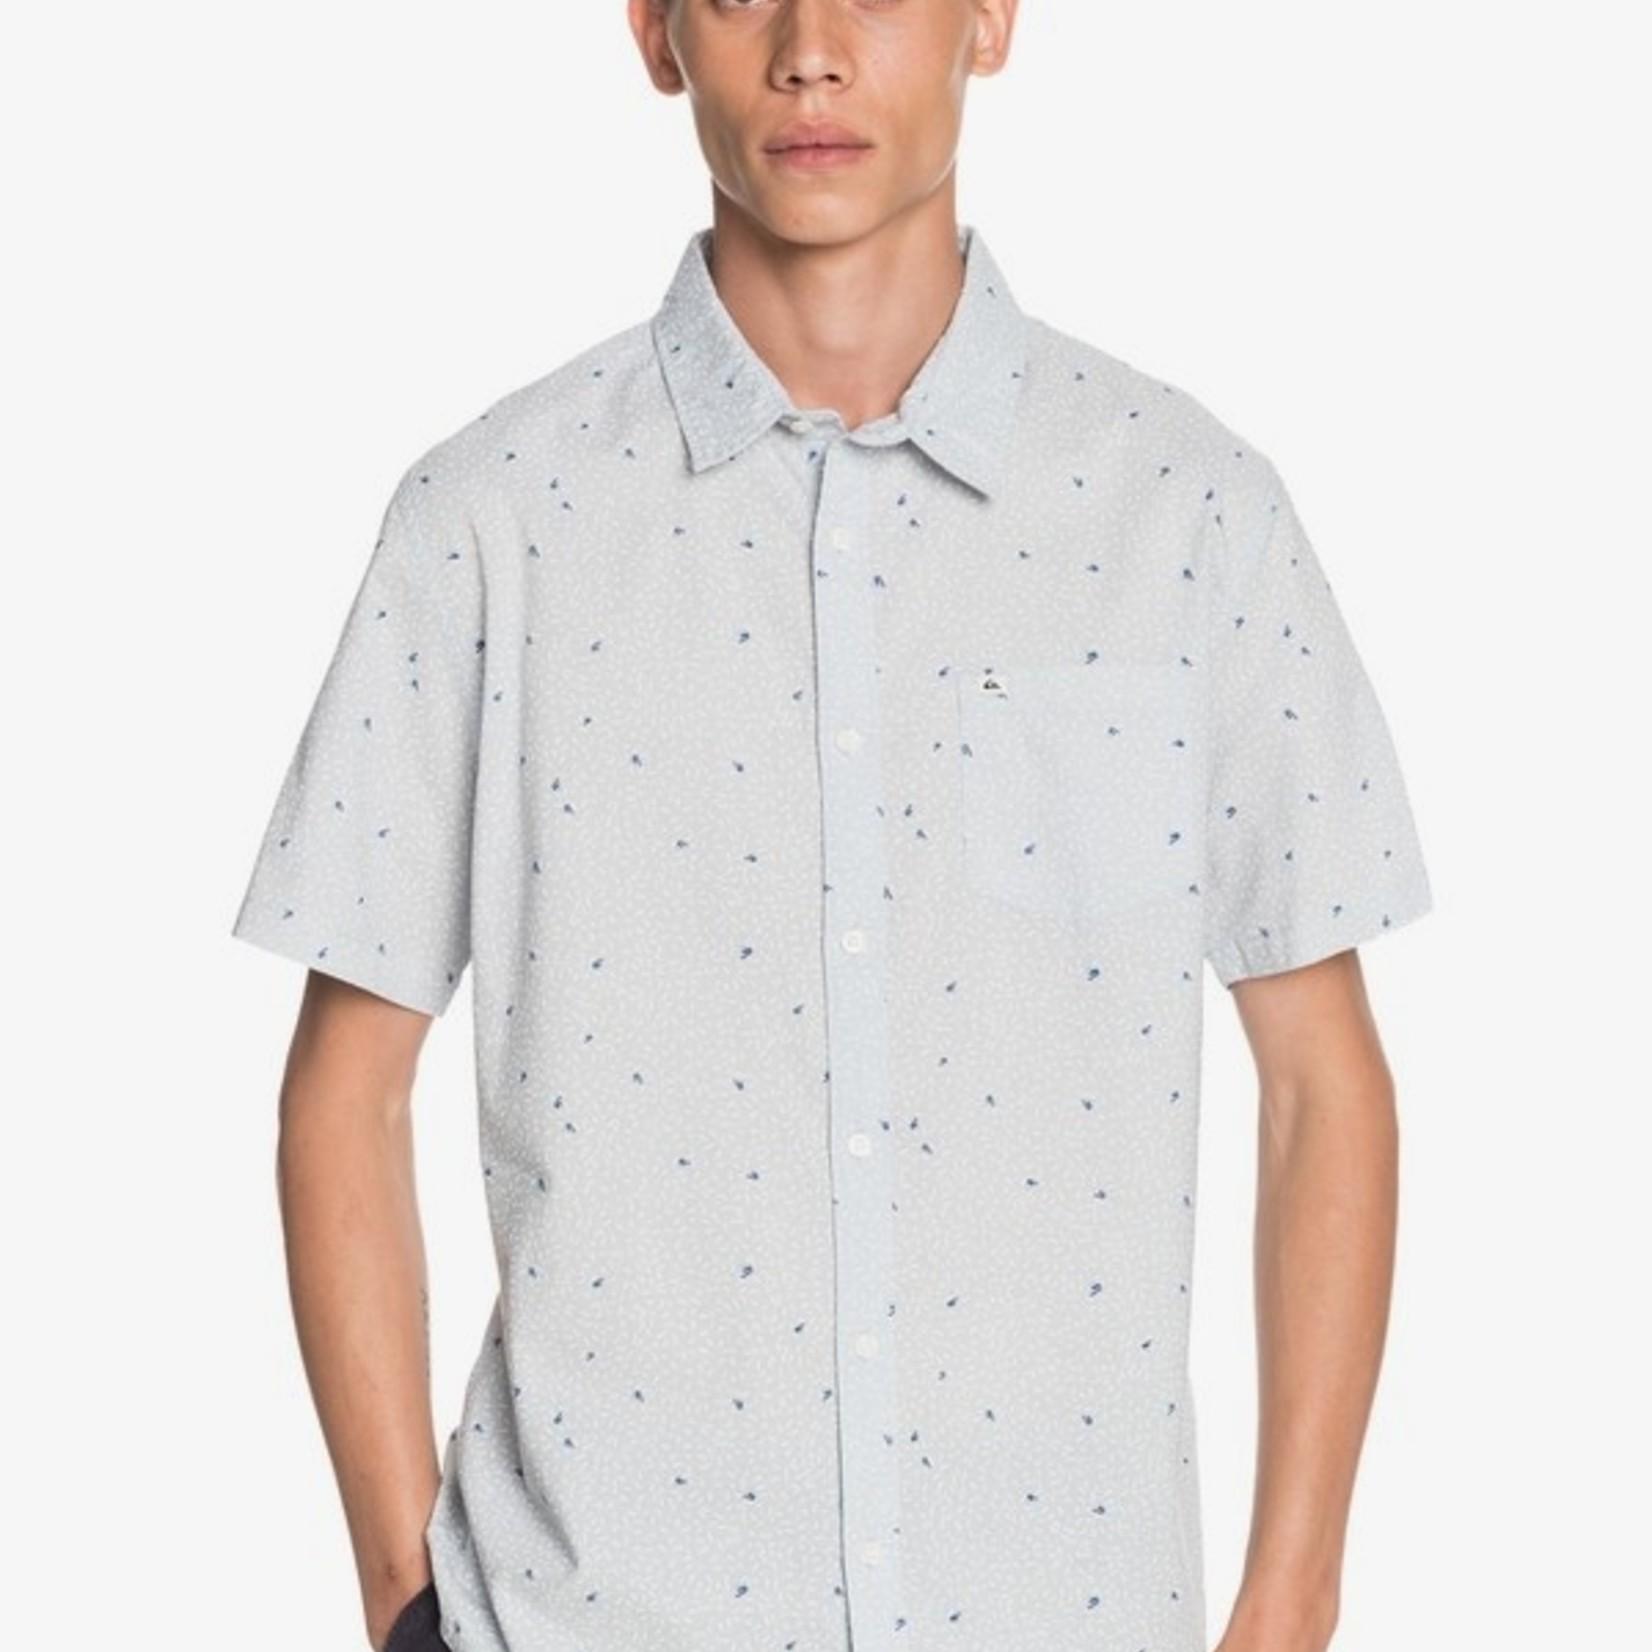 Quiksilver Quiksilver Spilled Rice Shirt